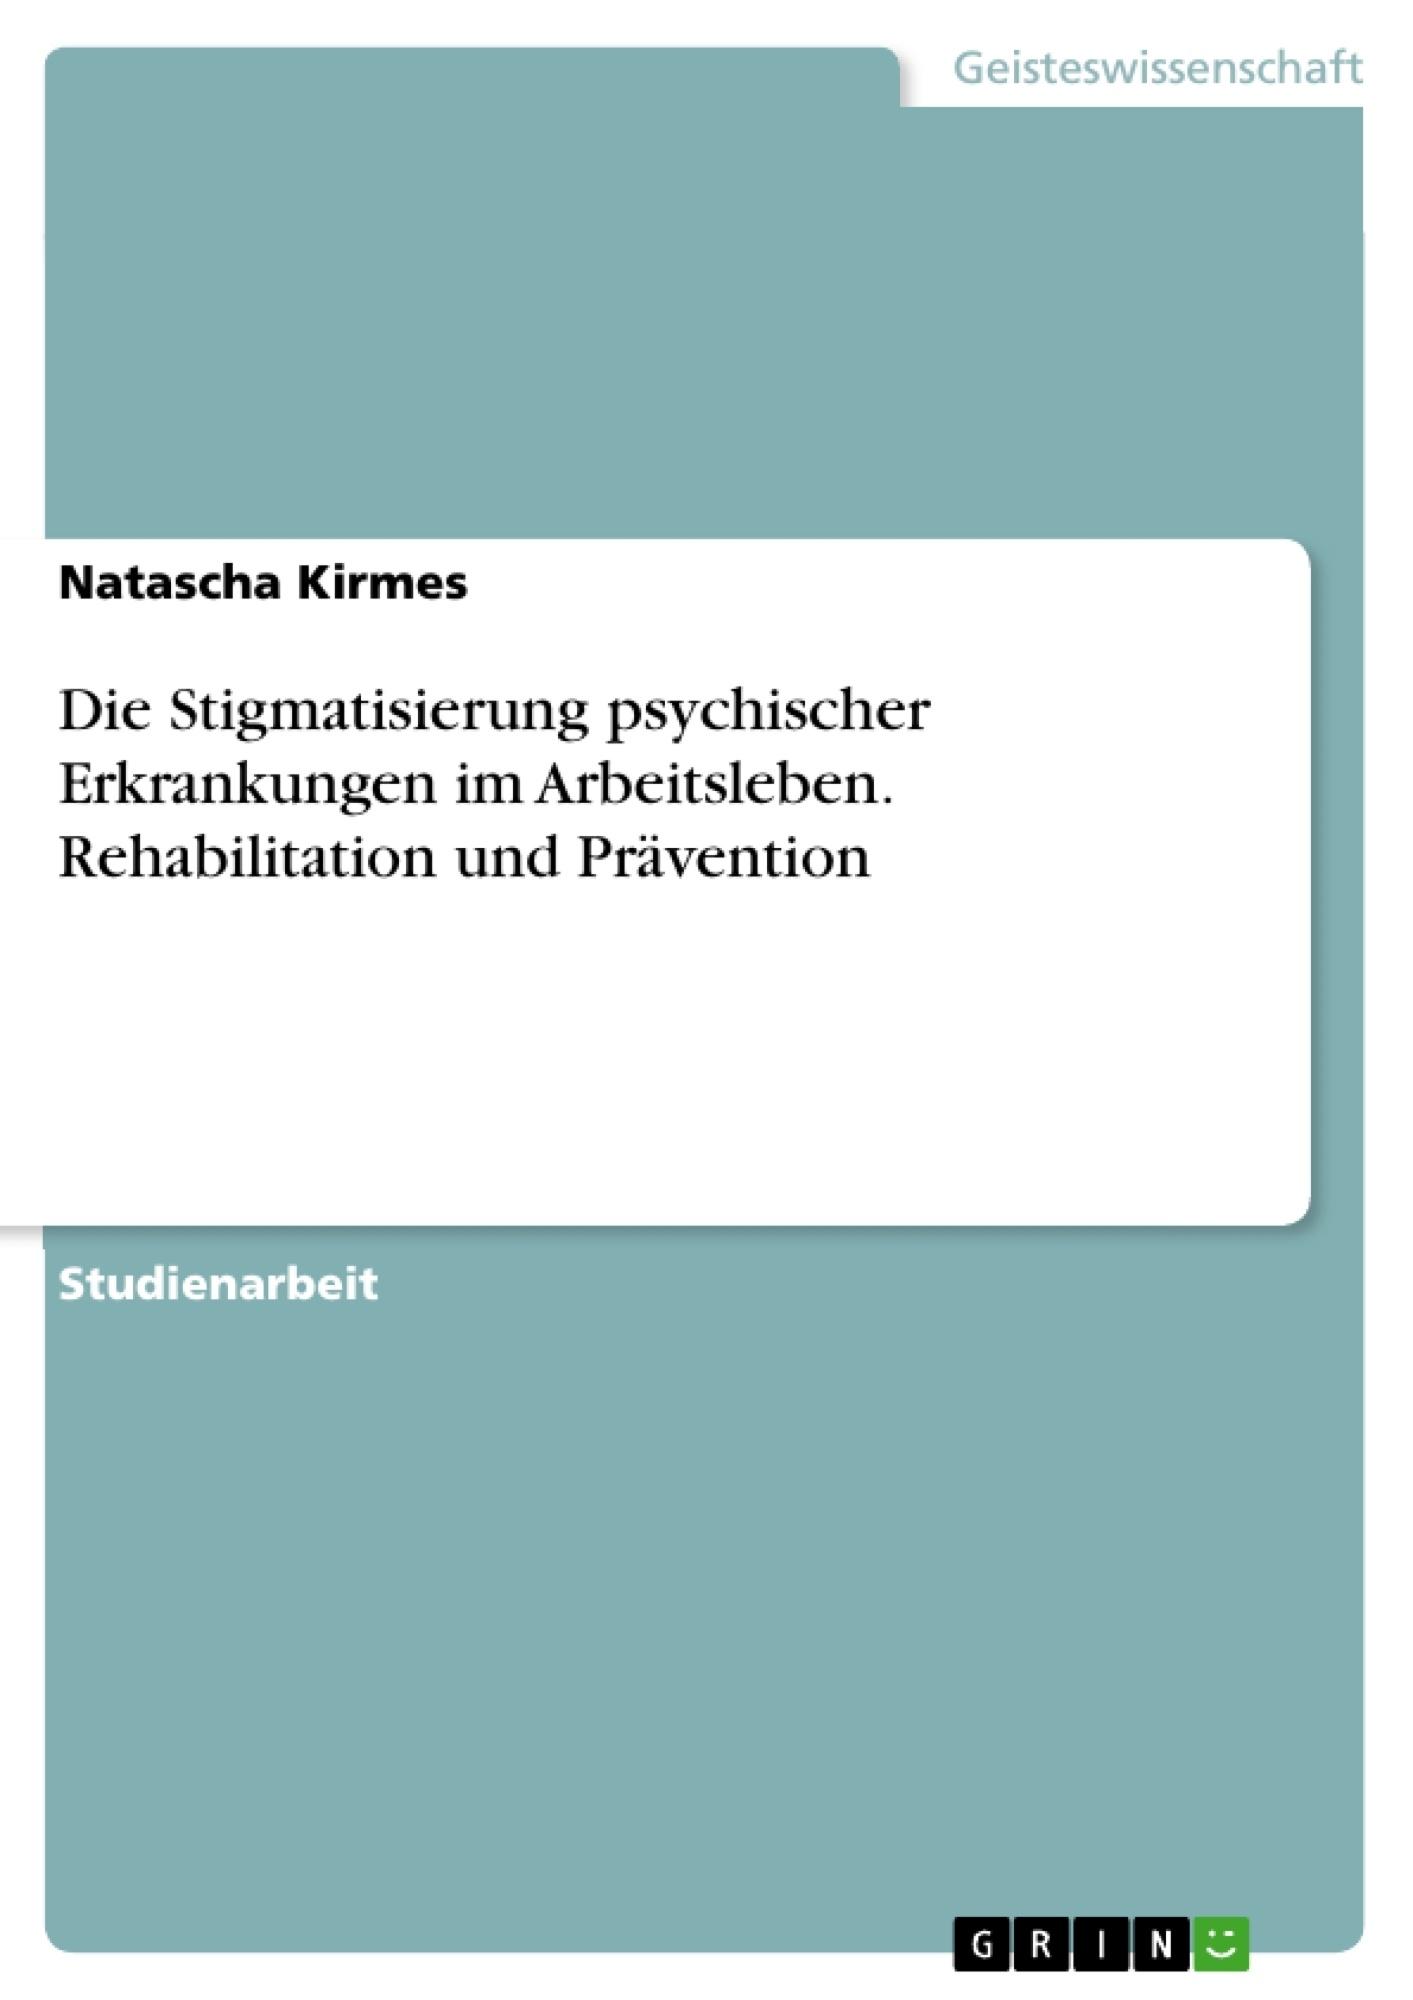 Titel: Die Stigmatisierung psychischer Erkrankungen im Arbeitsleben. Rehabilitation und Prävention